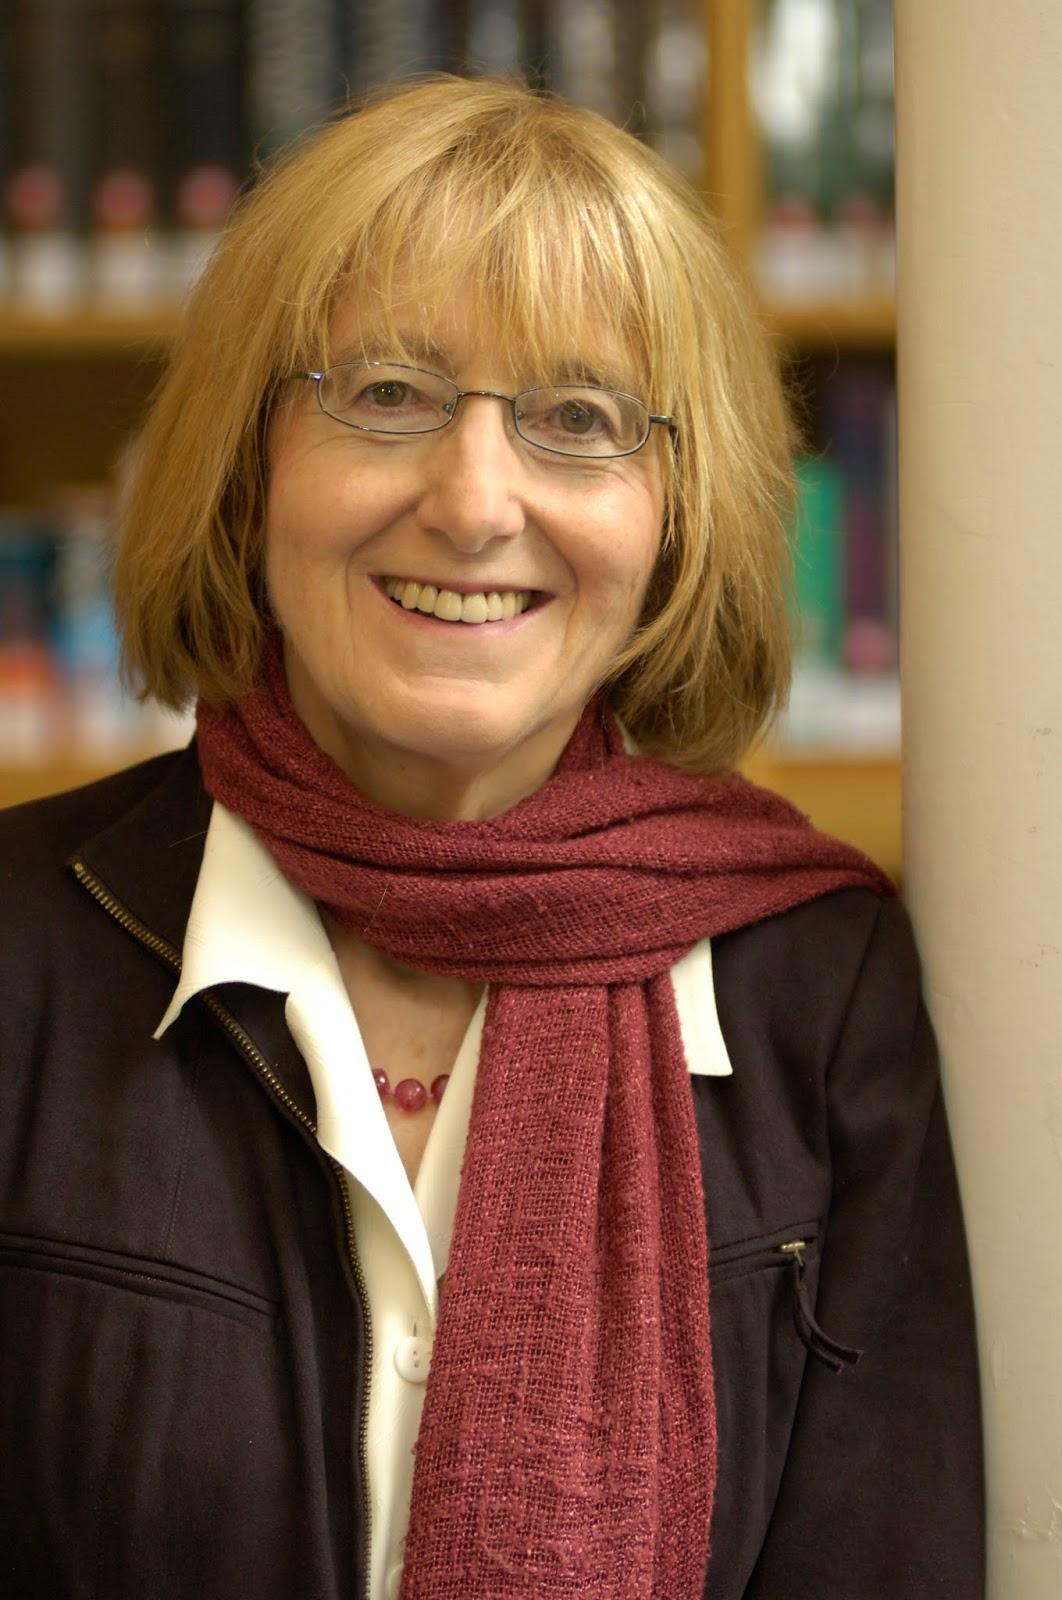 Jane Austen scholar Janet Todd